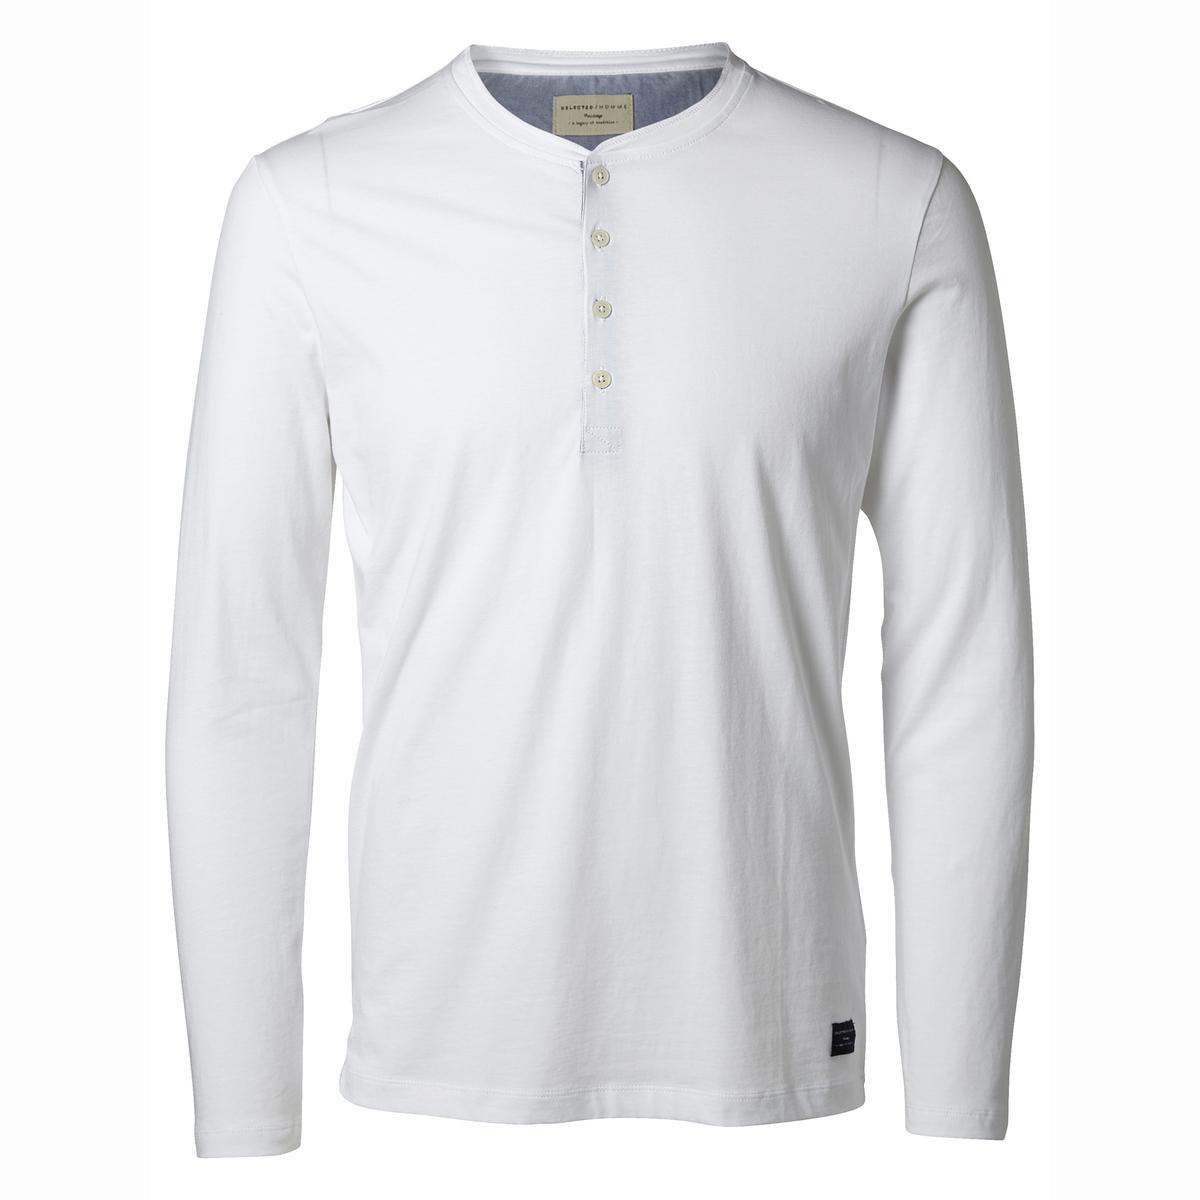 Футболка с длинными рукавами Niklas футболка с длинными рукавами quelle colors for life 357662